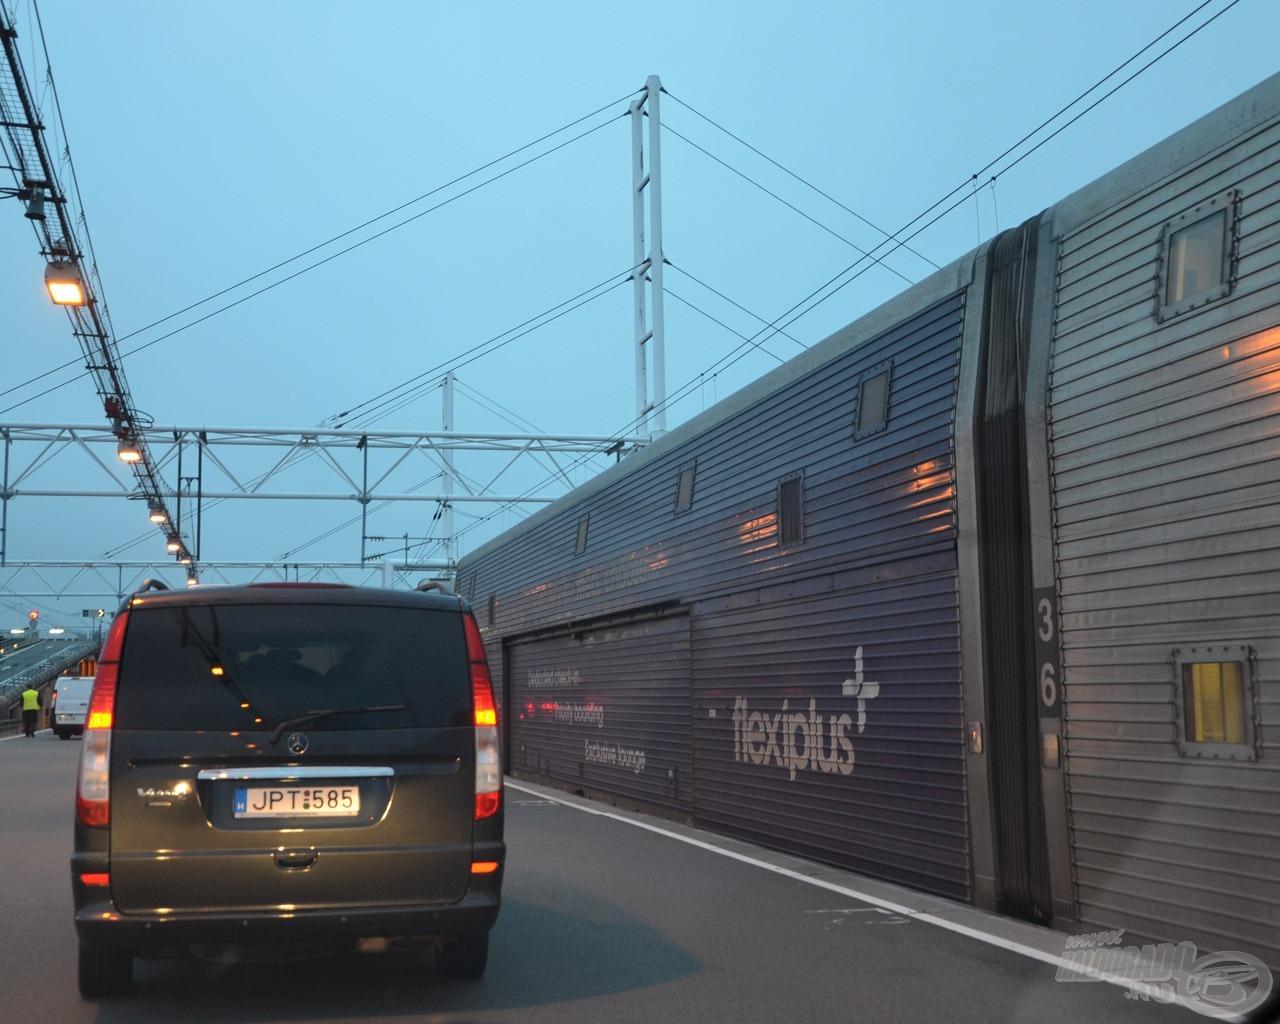 Csak két autónk mehetett a turista vonaton (a csalagúton), a nagy autónk a kamionok között volt kénytelen 2 órával későbbi indulással utazni